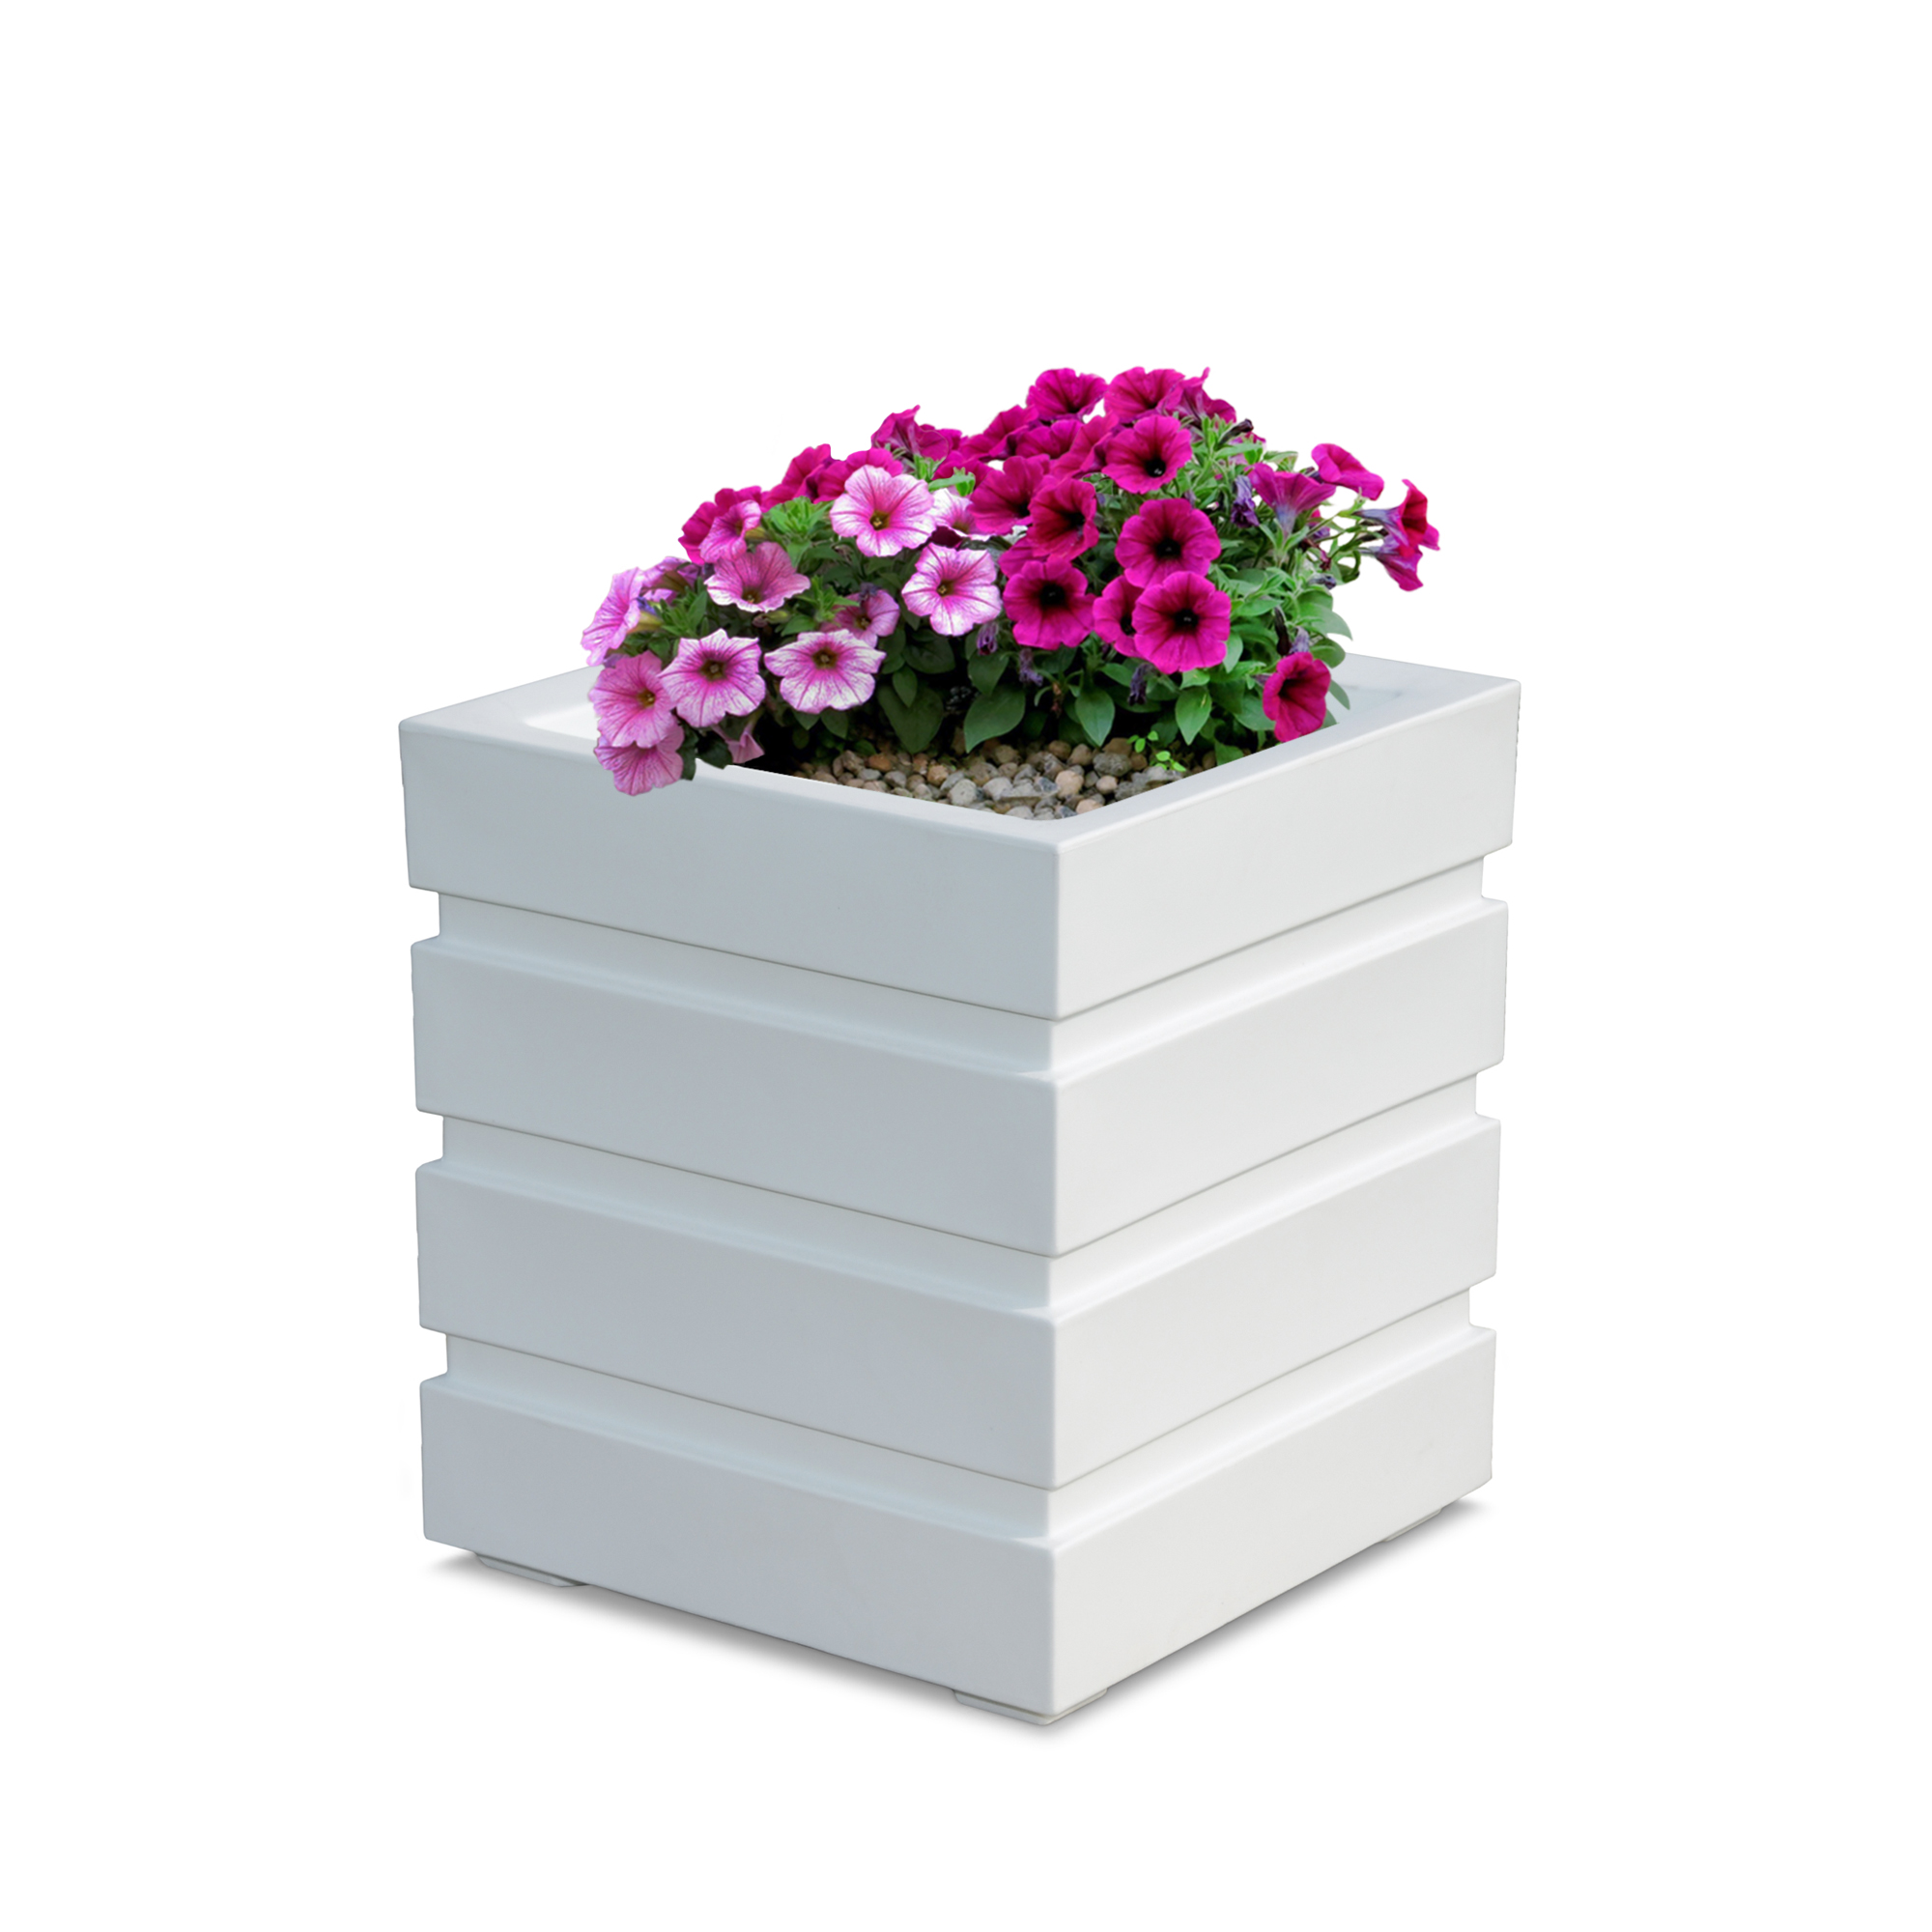 Freeport Patio Planter 18x18 - White